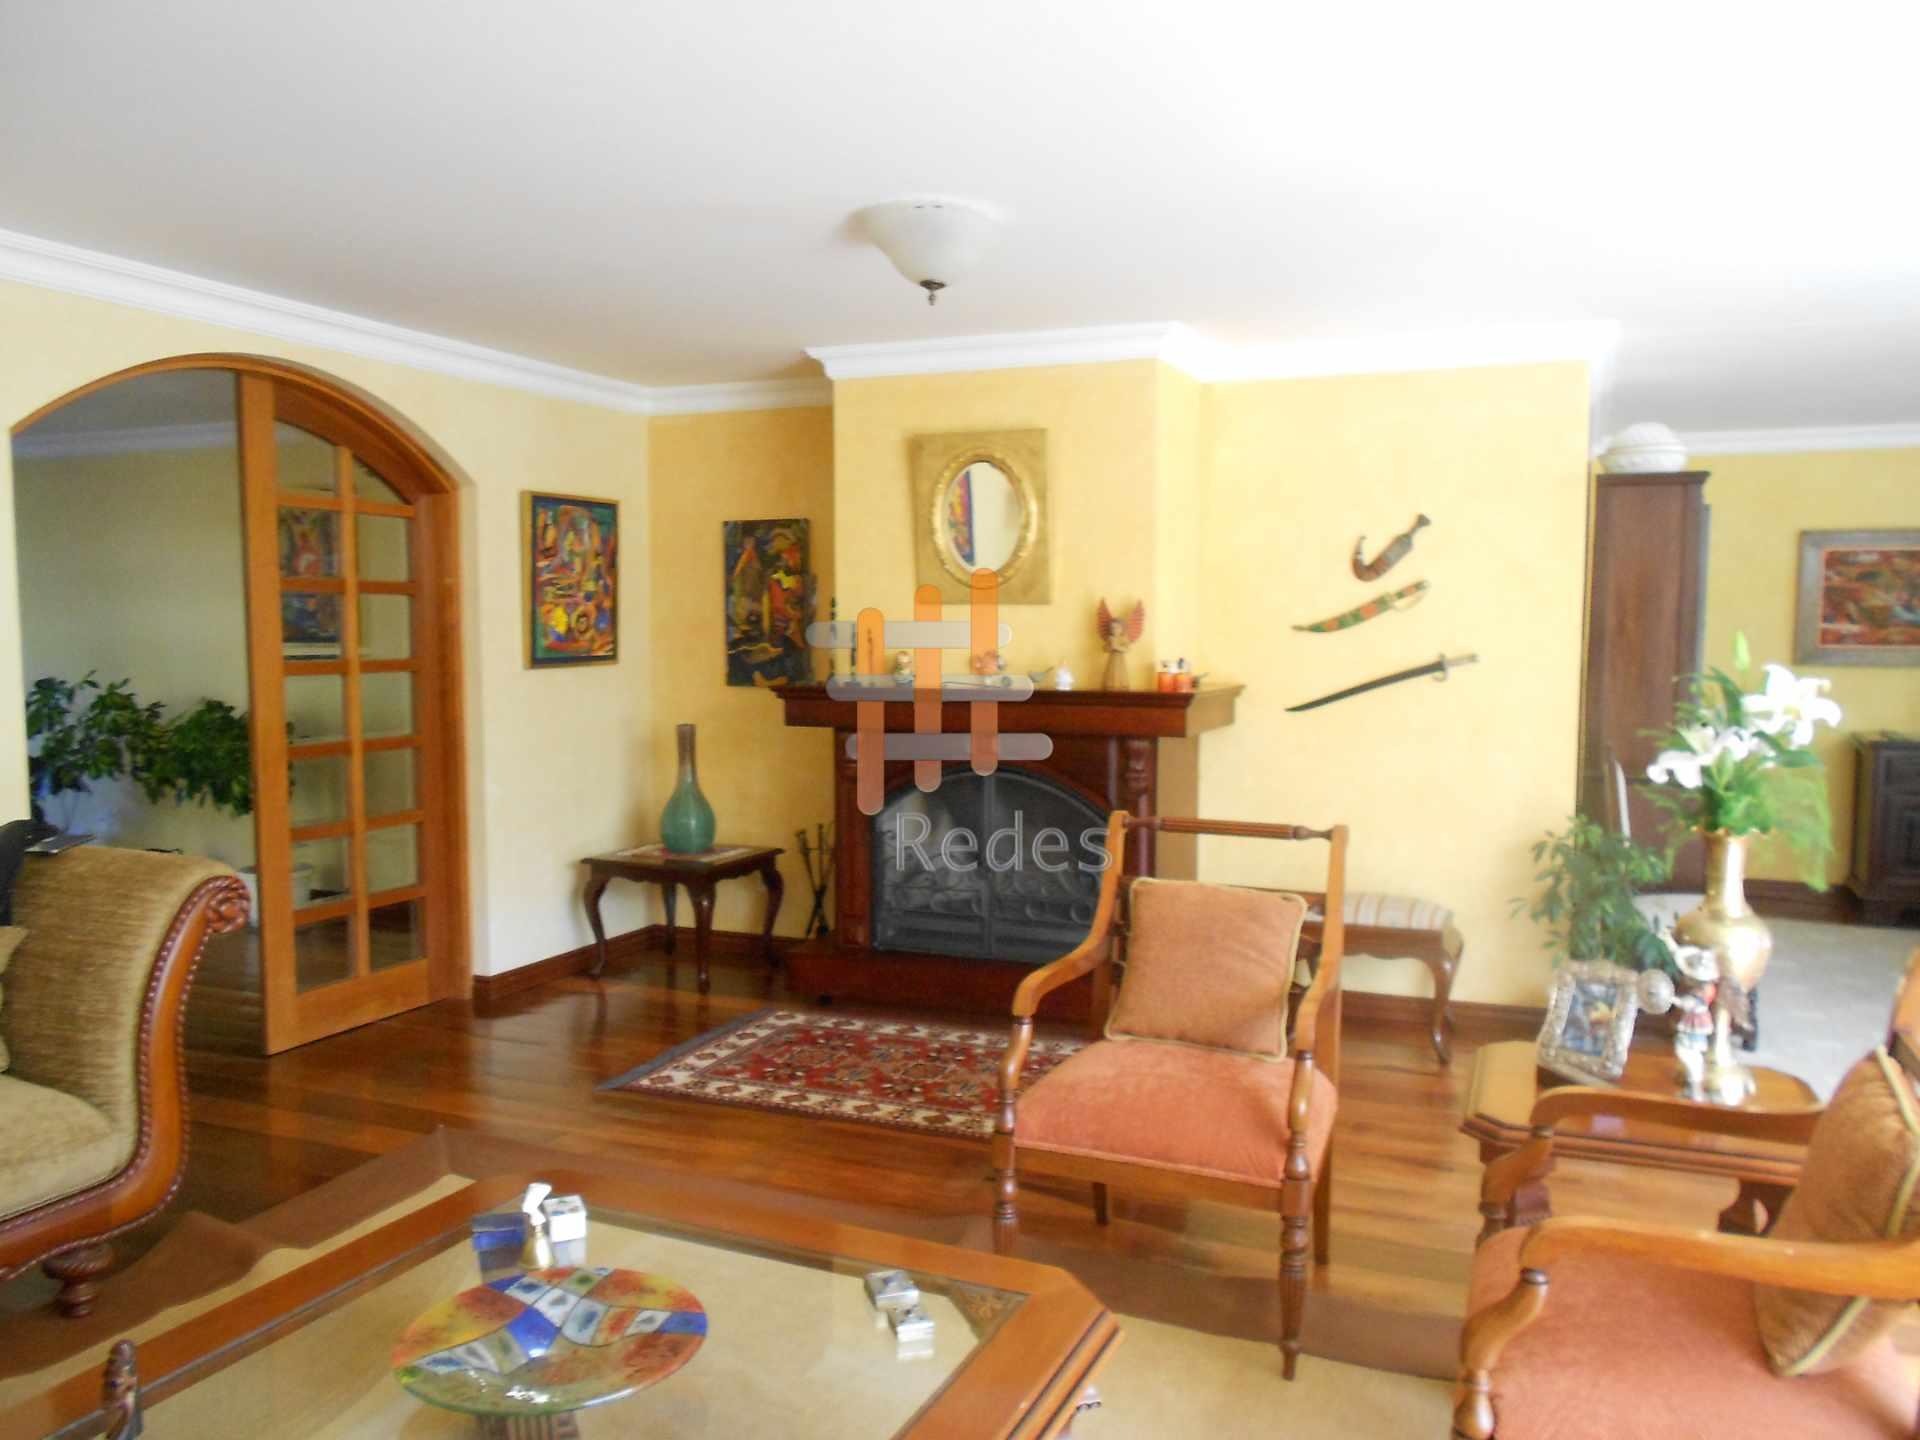 Casa en Alquiler PRECIOSA RESIDENCIA EN JARDINES DEL SUR EN ALQUILER Foto 19